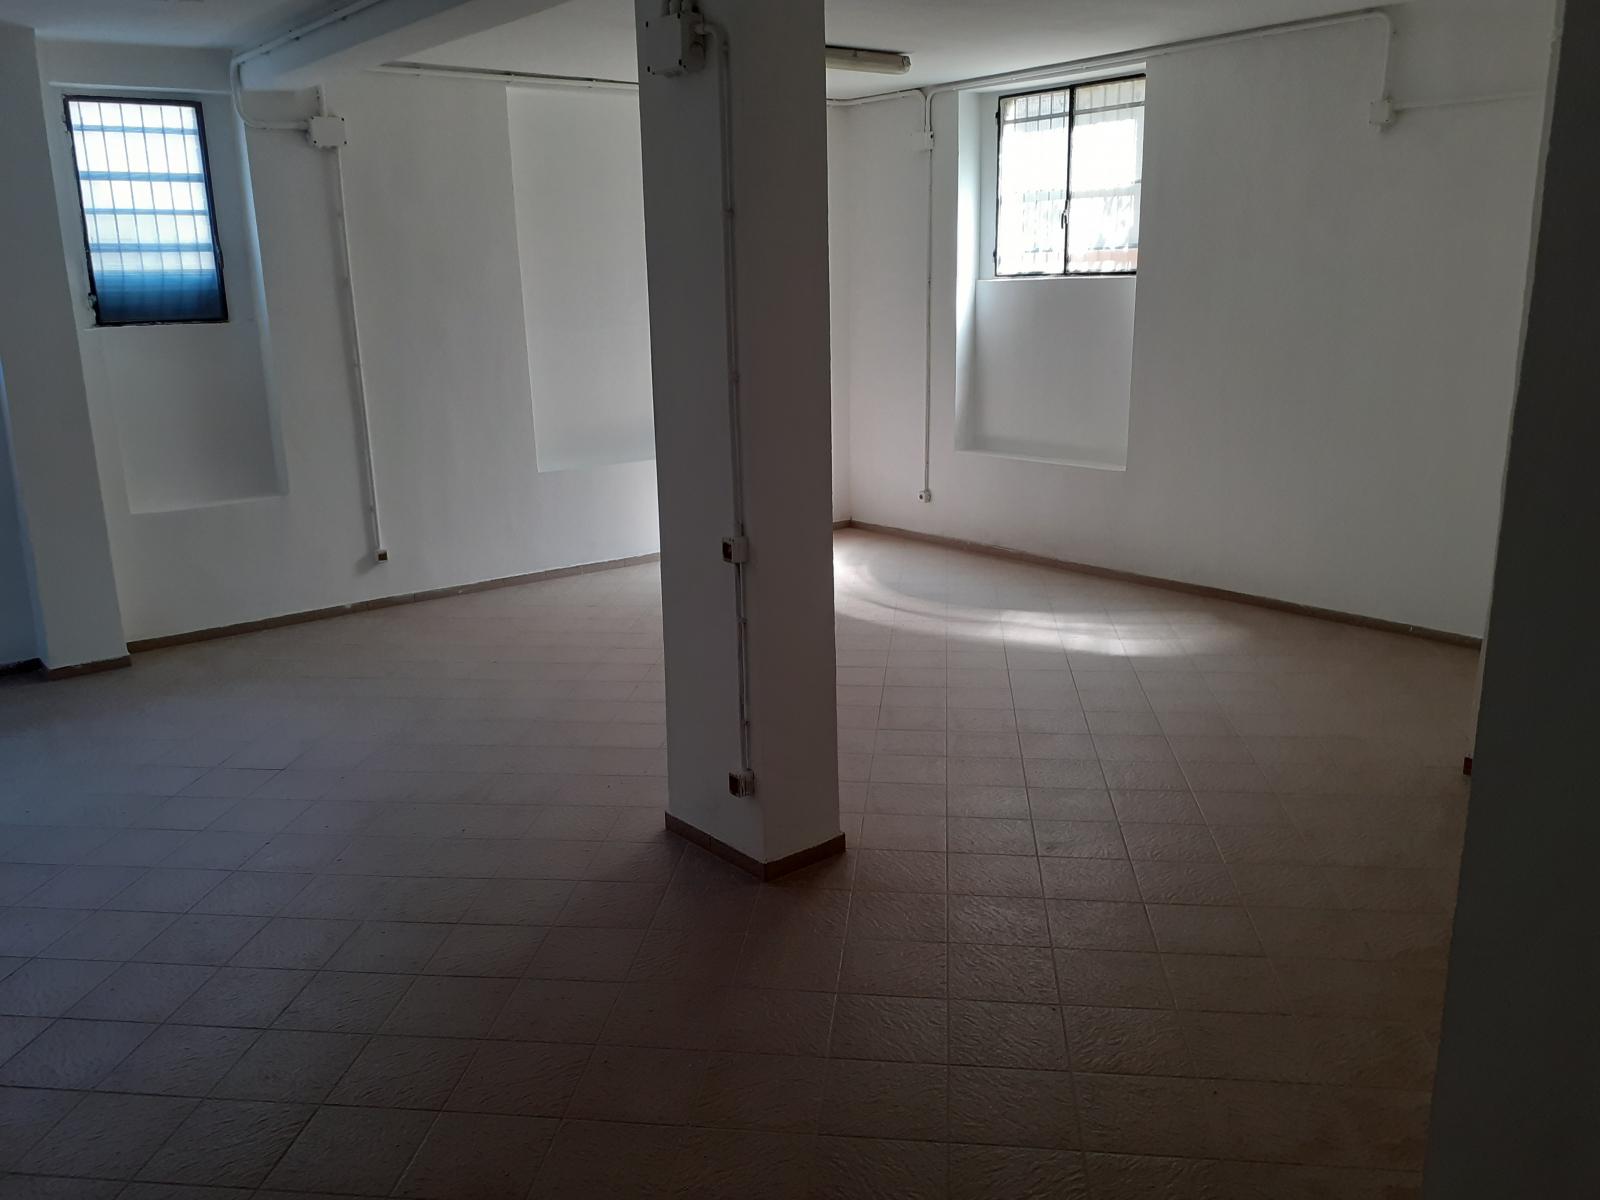 laboratorio-magazzino-in-vendita-affitto-a-baggio-spaziourbano-immobiliare-vende-affitta-8